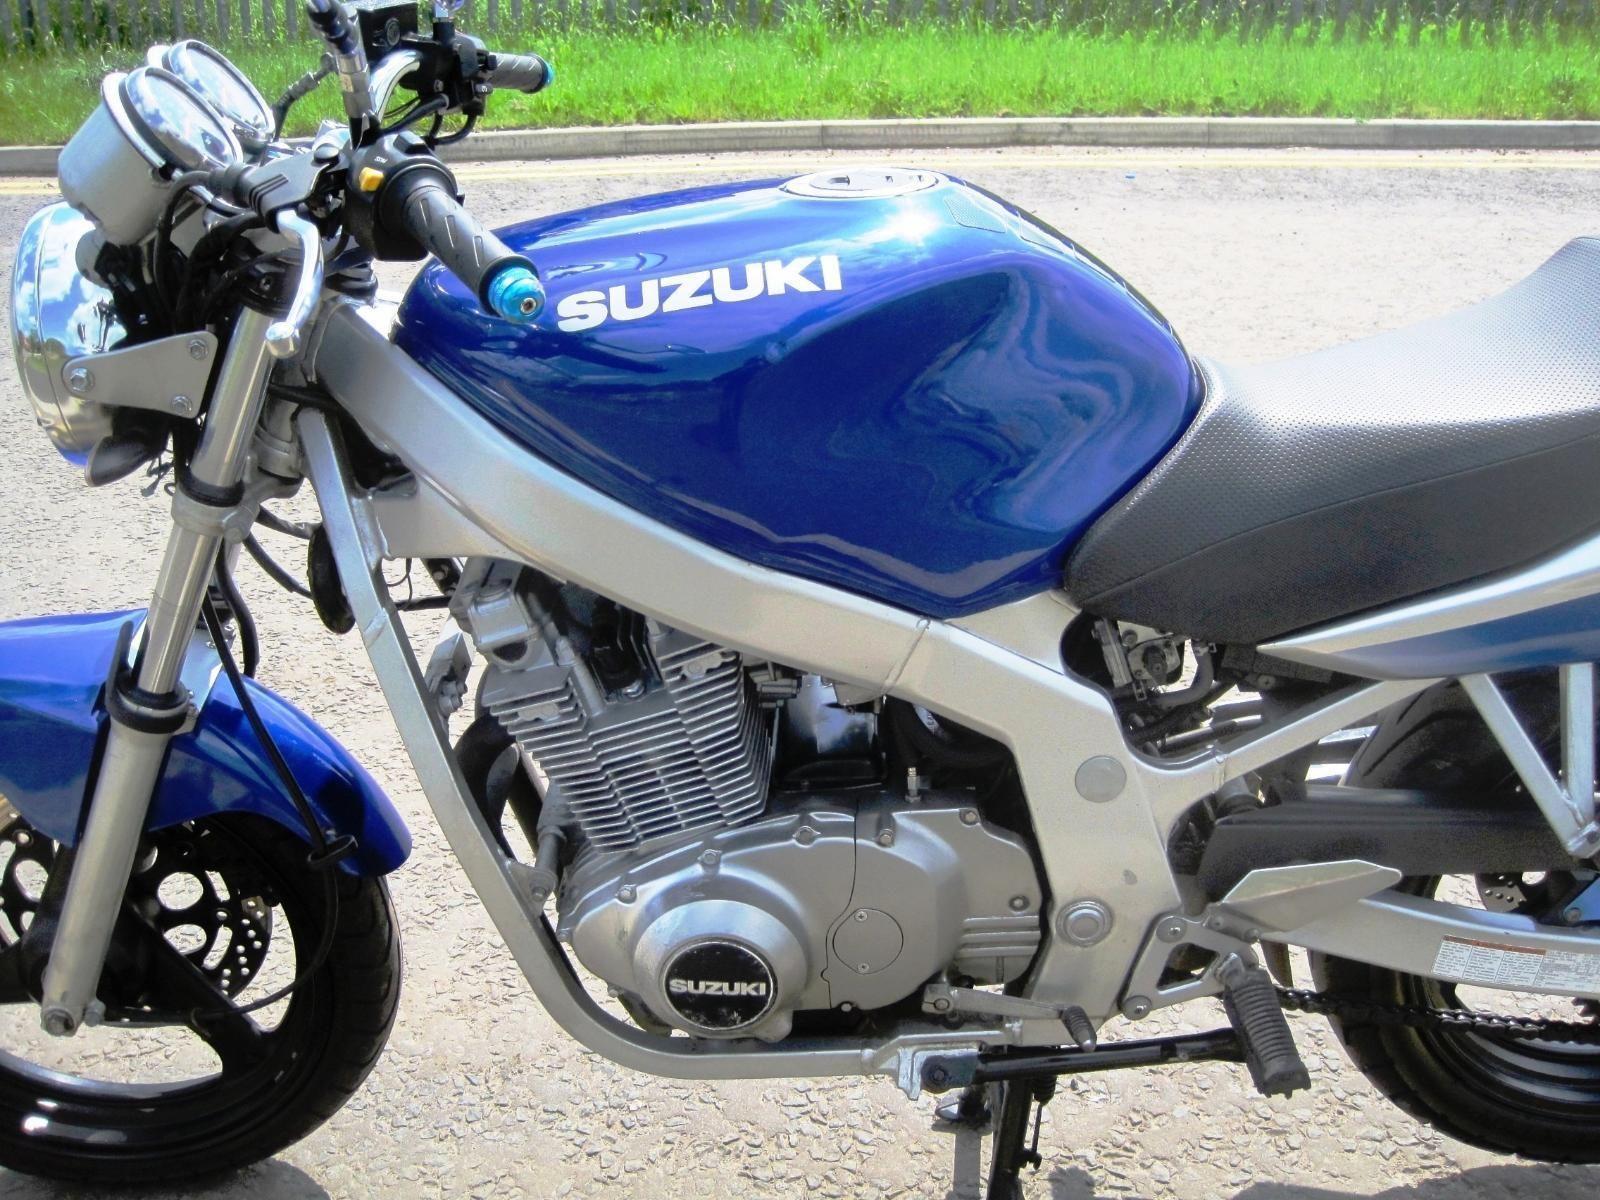 2002 (02) Suzuki GS500 K2 500cc Naked Blue